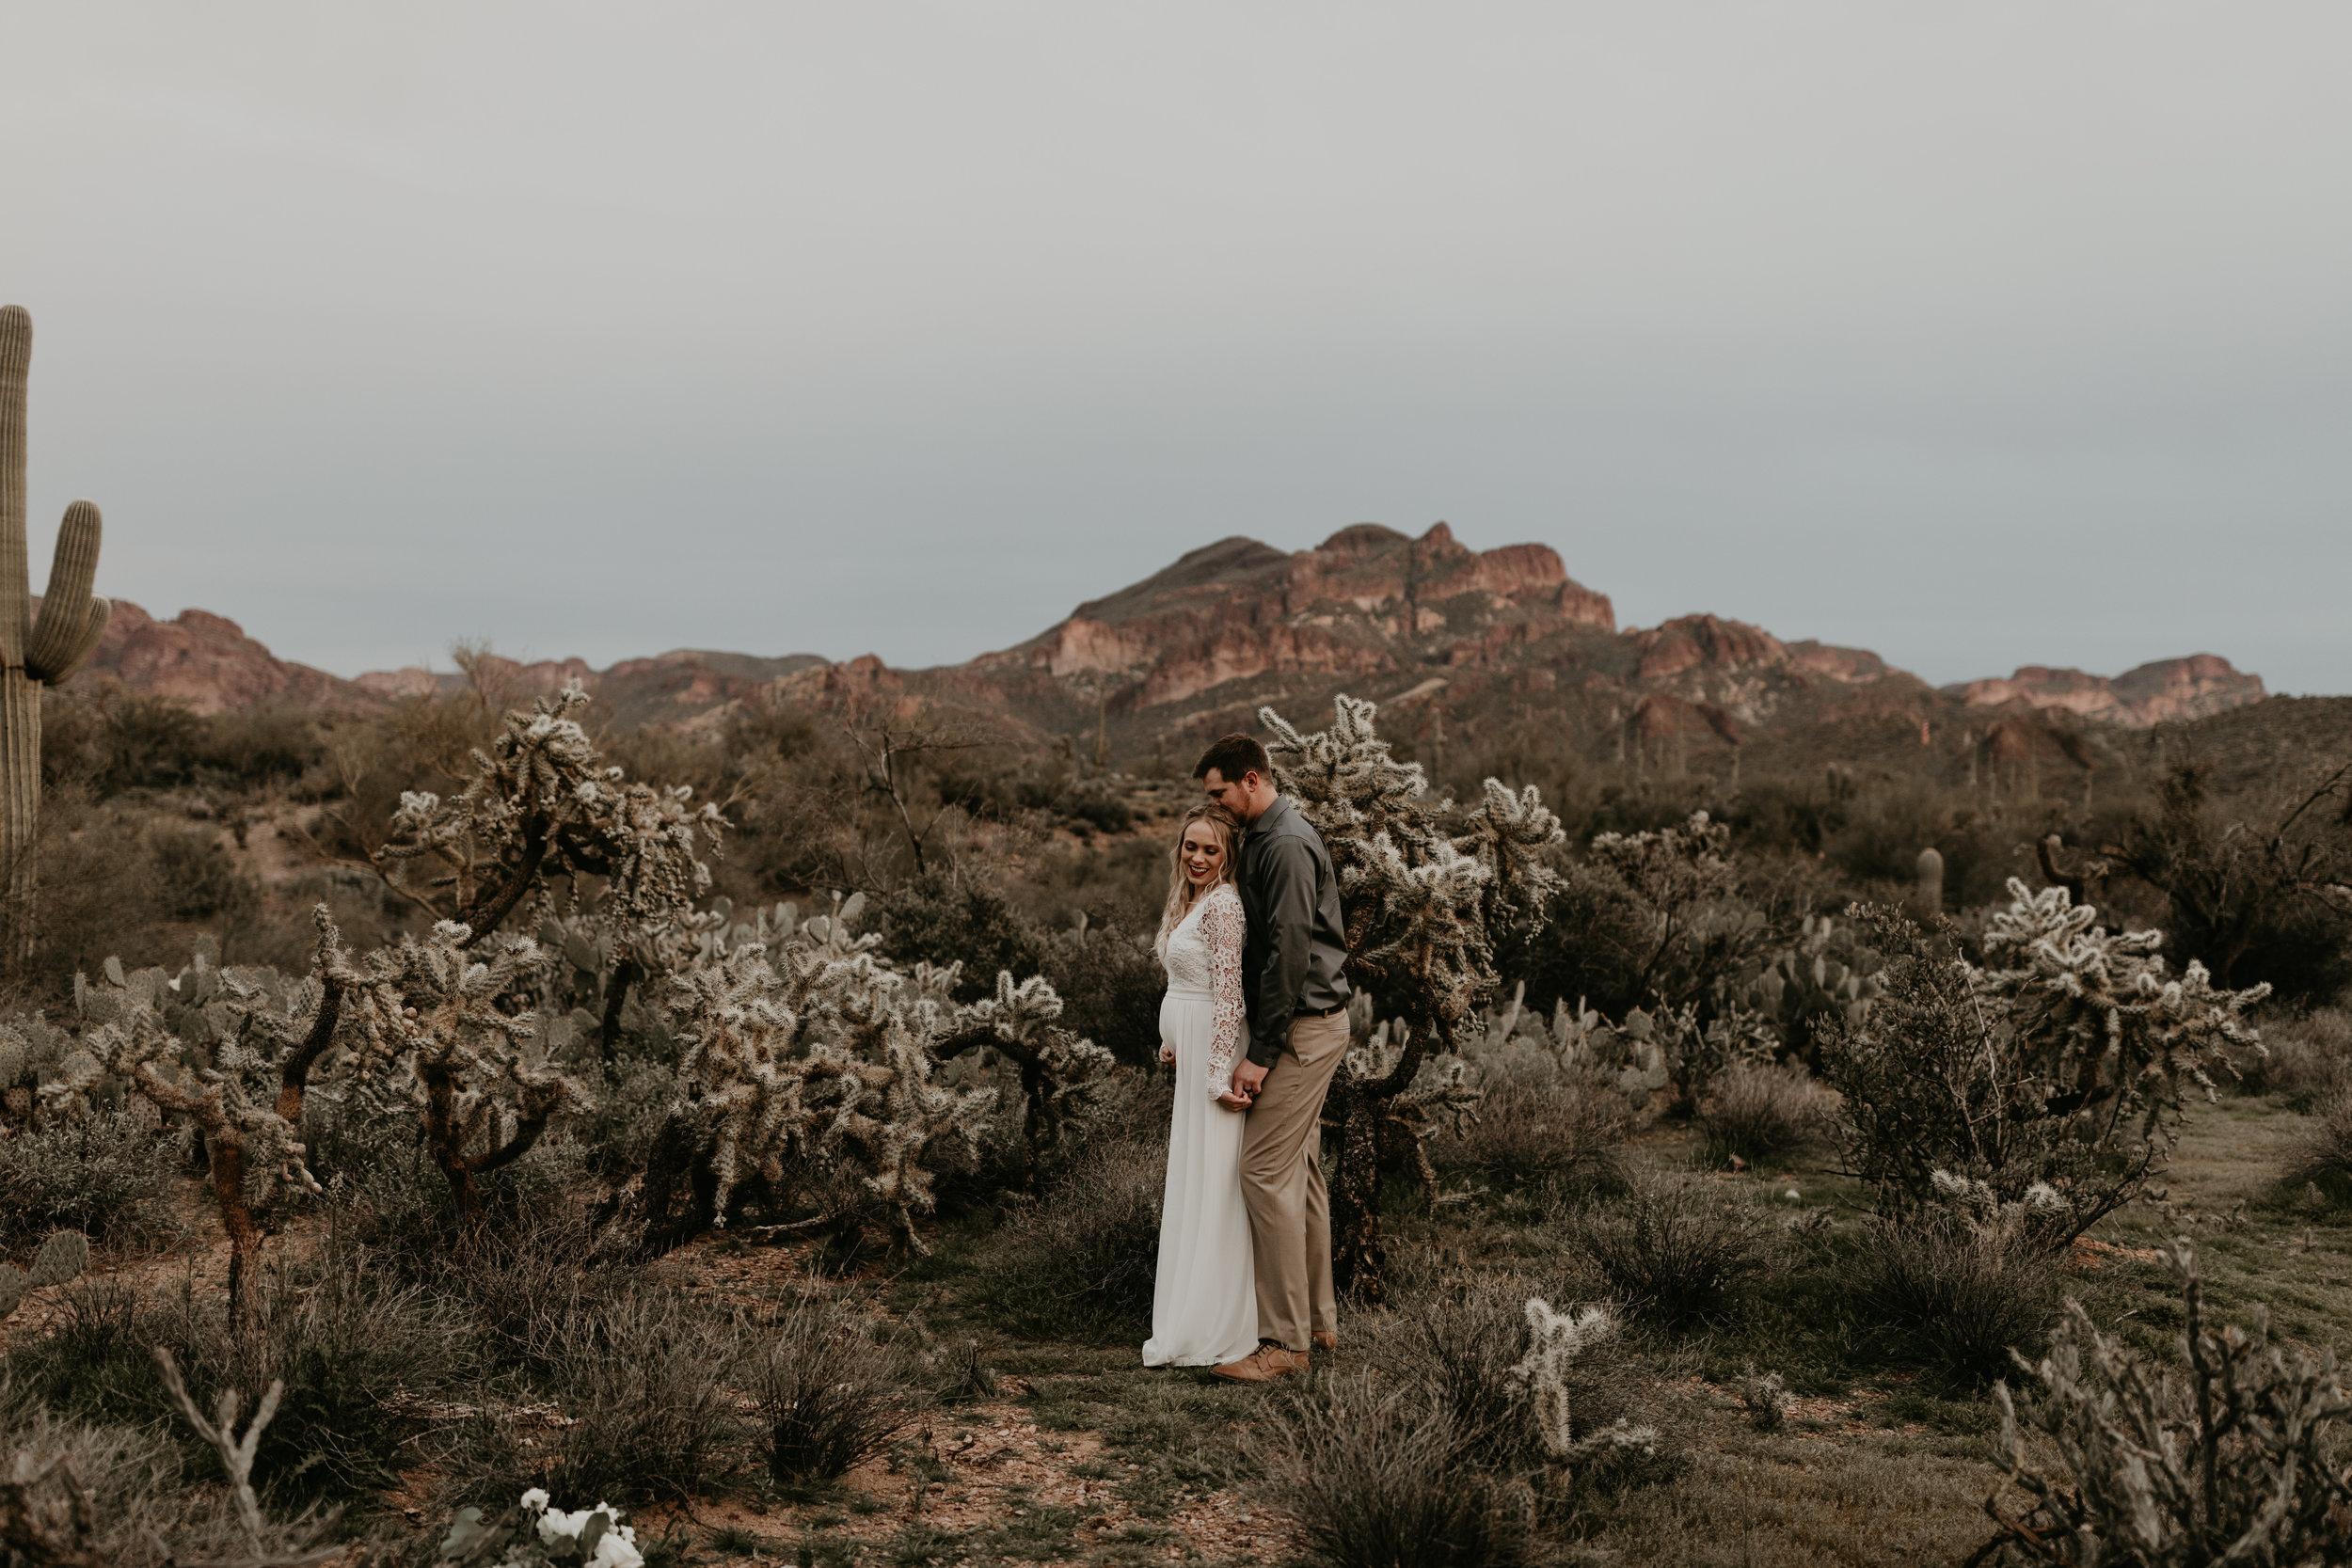 superstitionmountainselopement-desert-elopement-arizona-elopement-KaliMPhotos (406 of 445).jpg